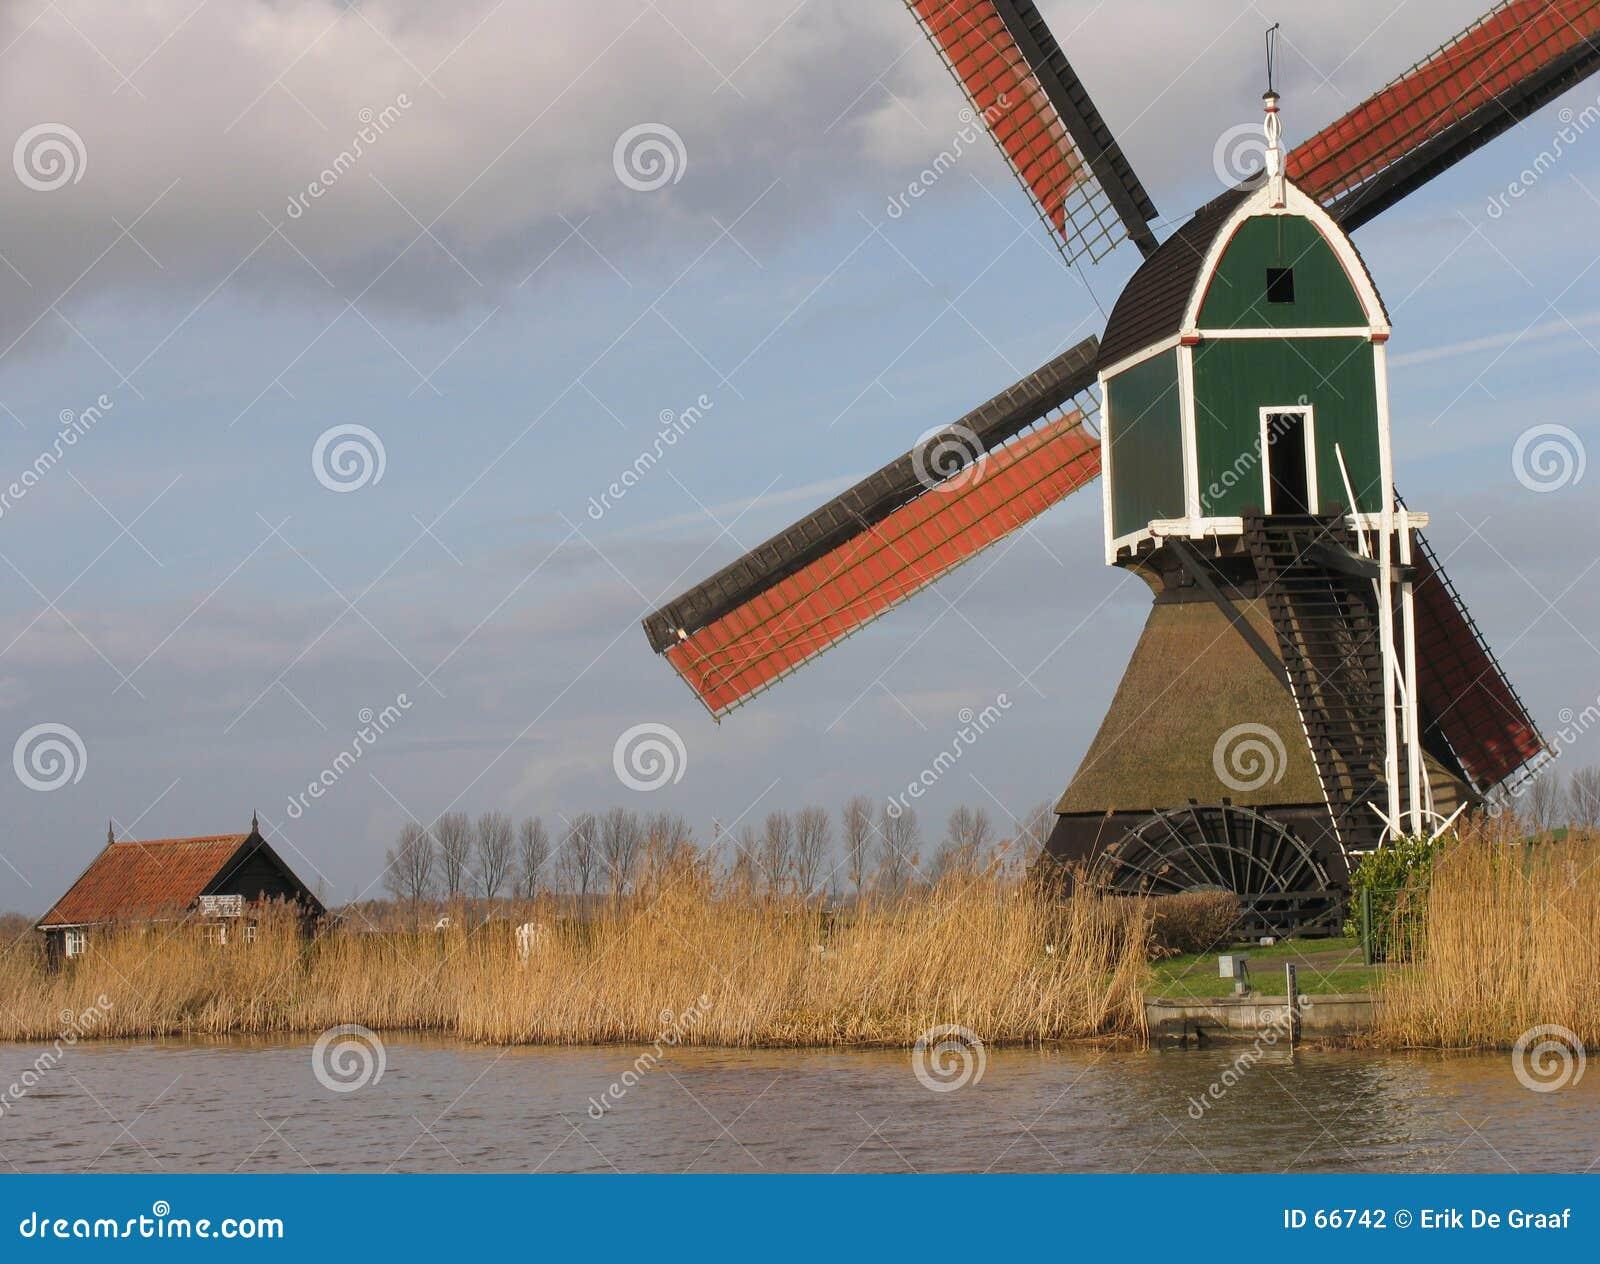 Nederlandse windmolen 3